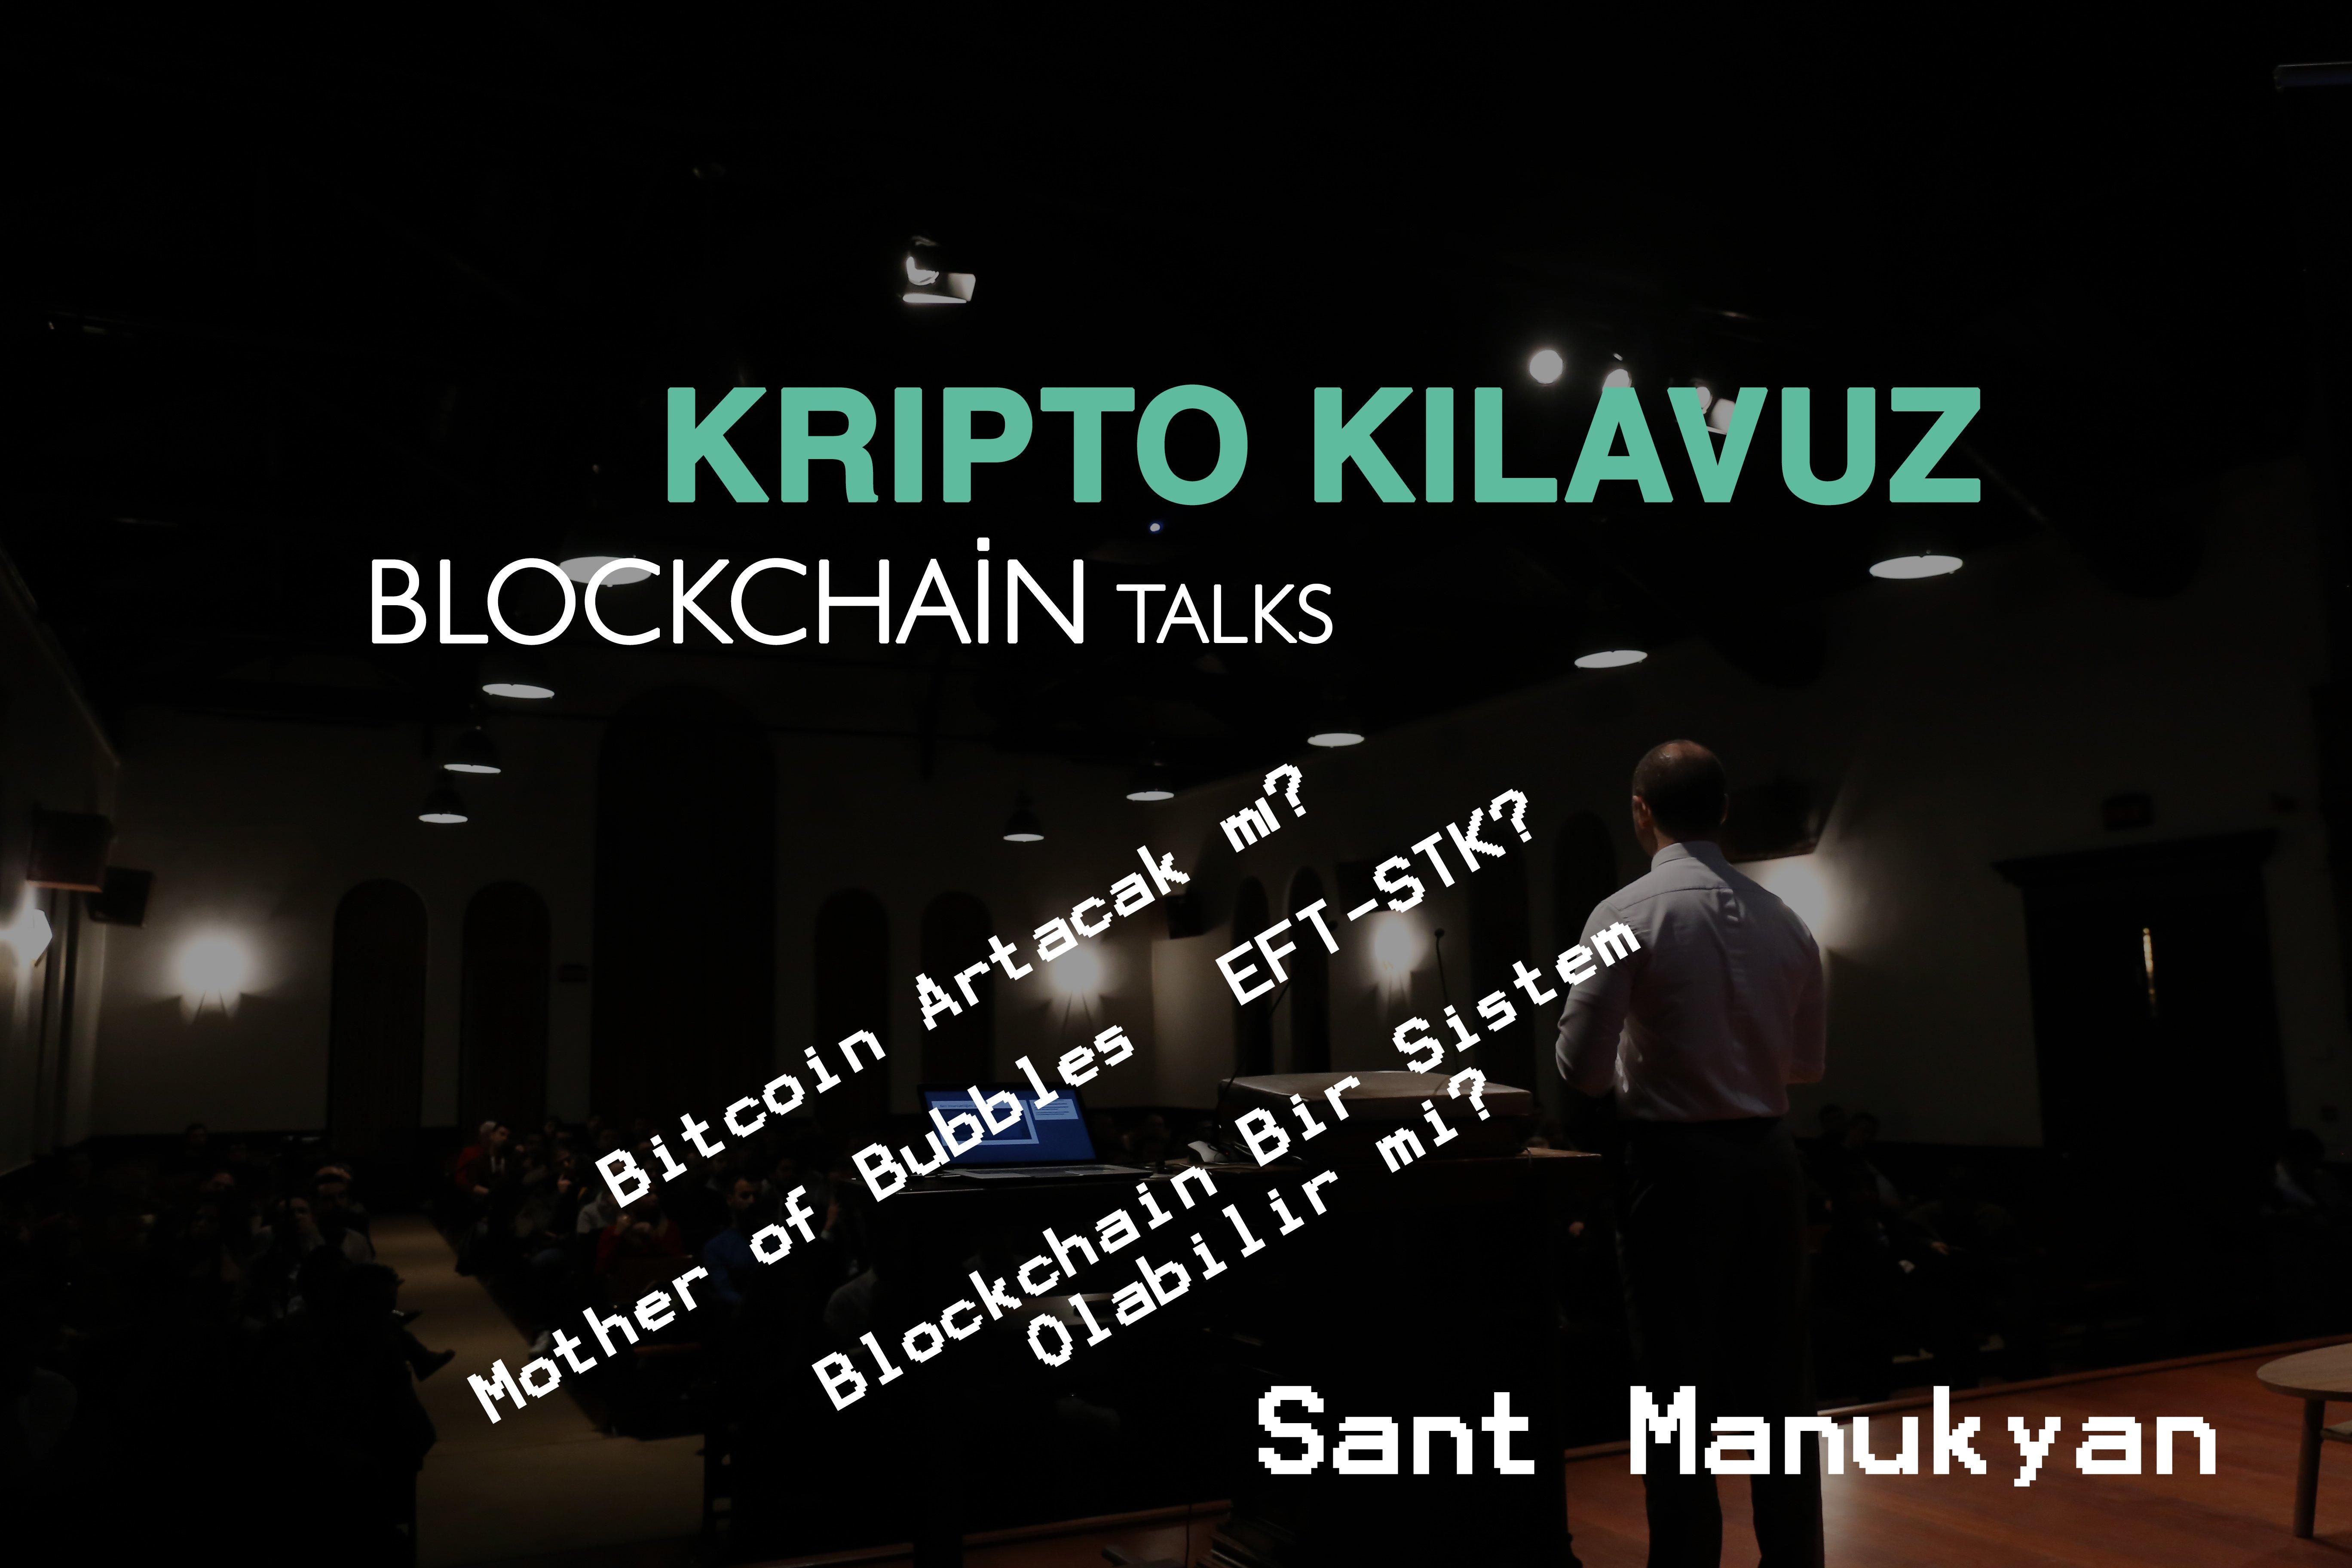 Kripto Kılavuz Bitcoin Talks Etkinliğinden